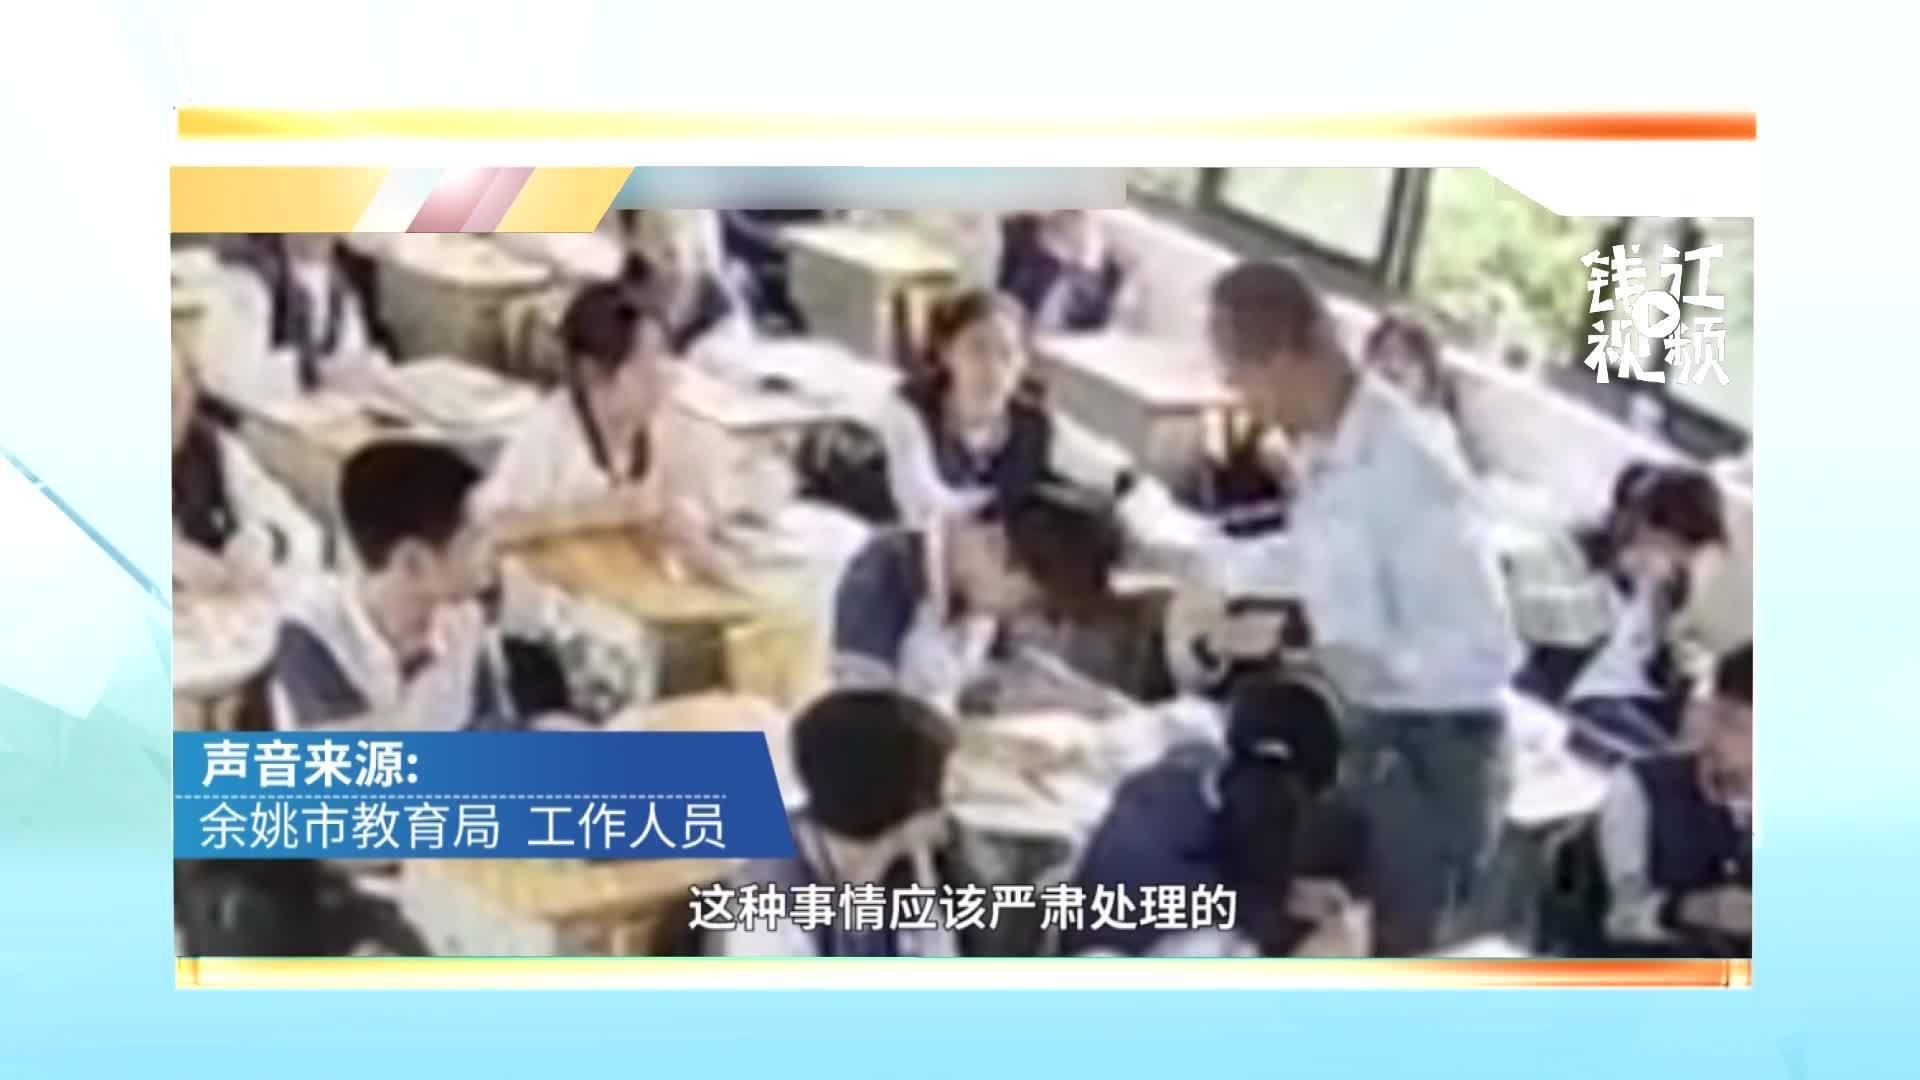 浙江 一男老师当堂拽打女学生被停职